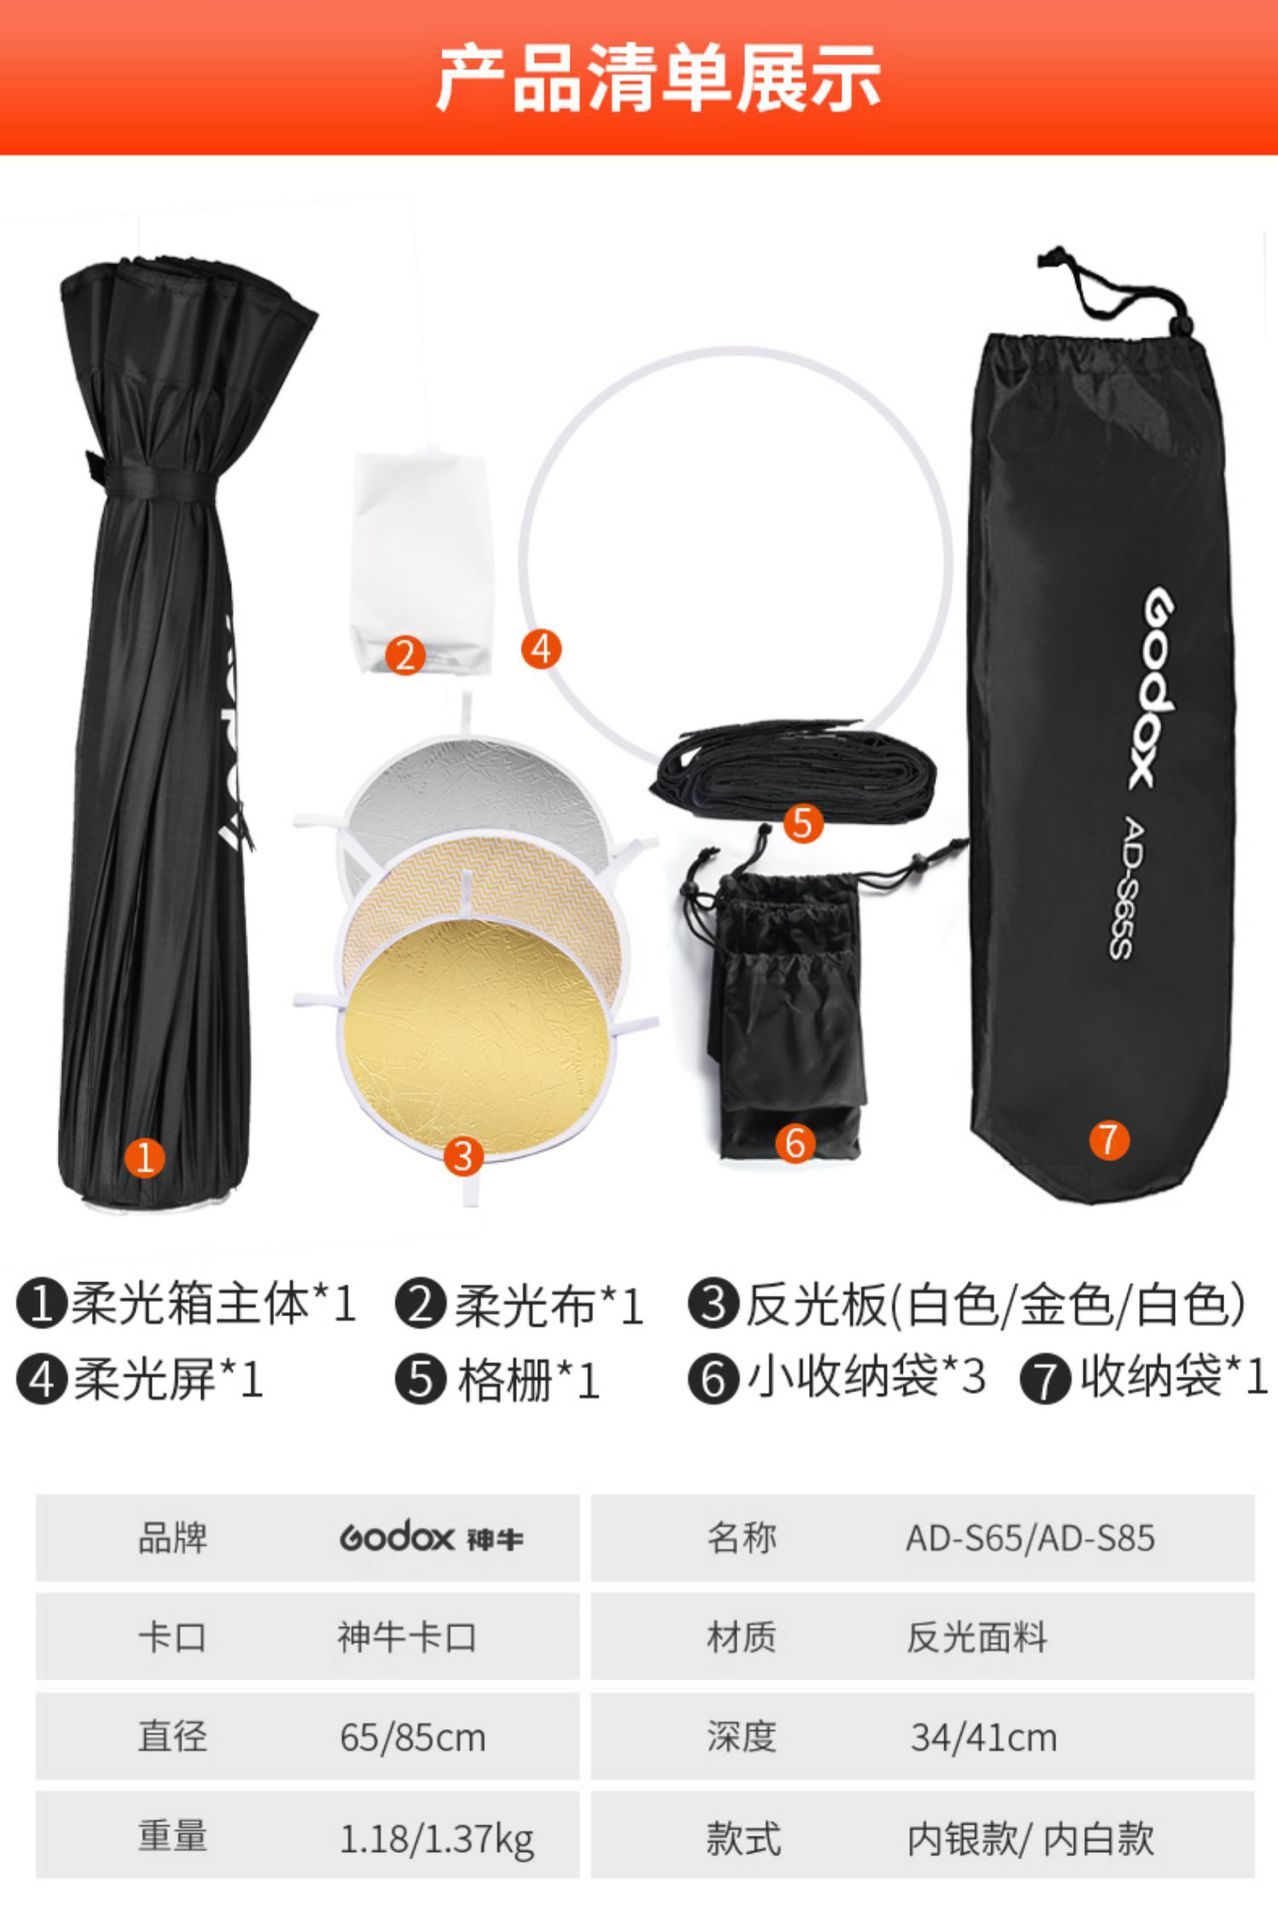 godoxads65w-02.jpg